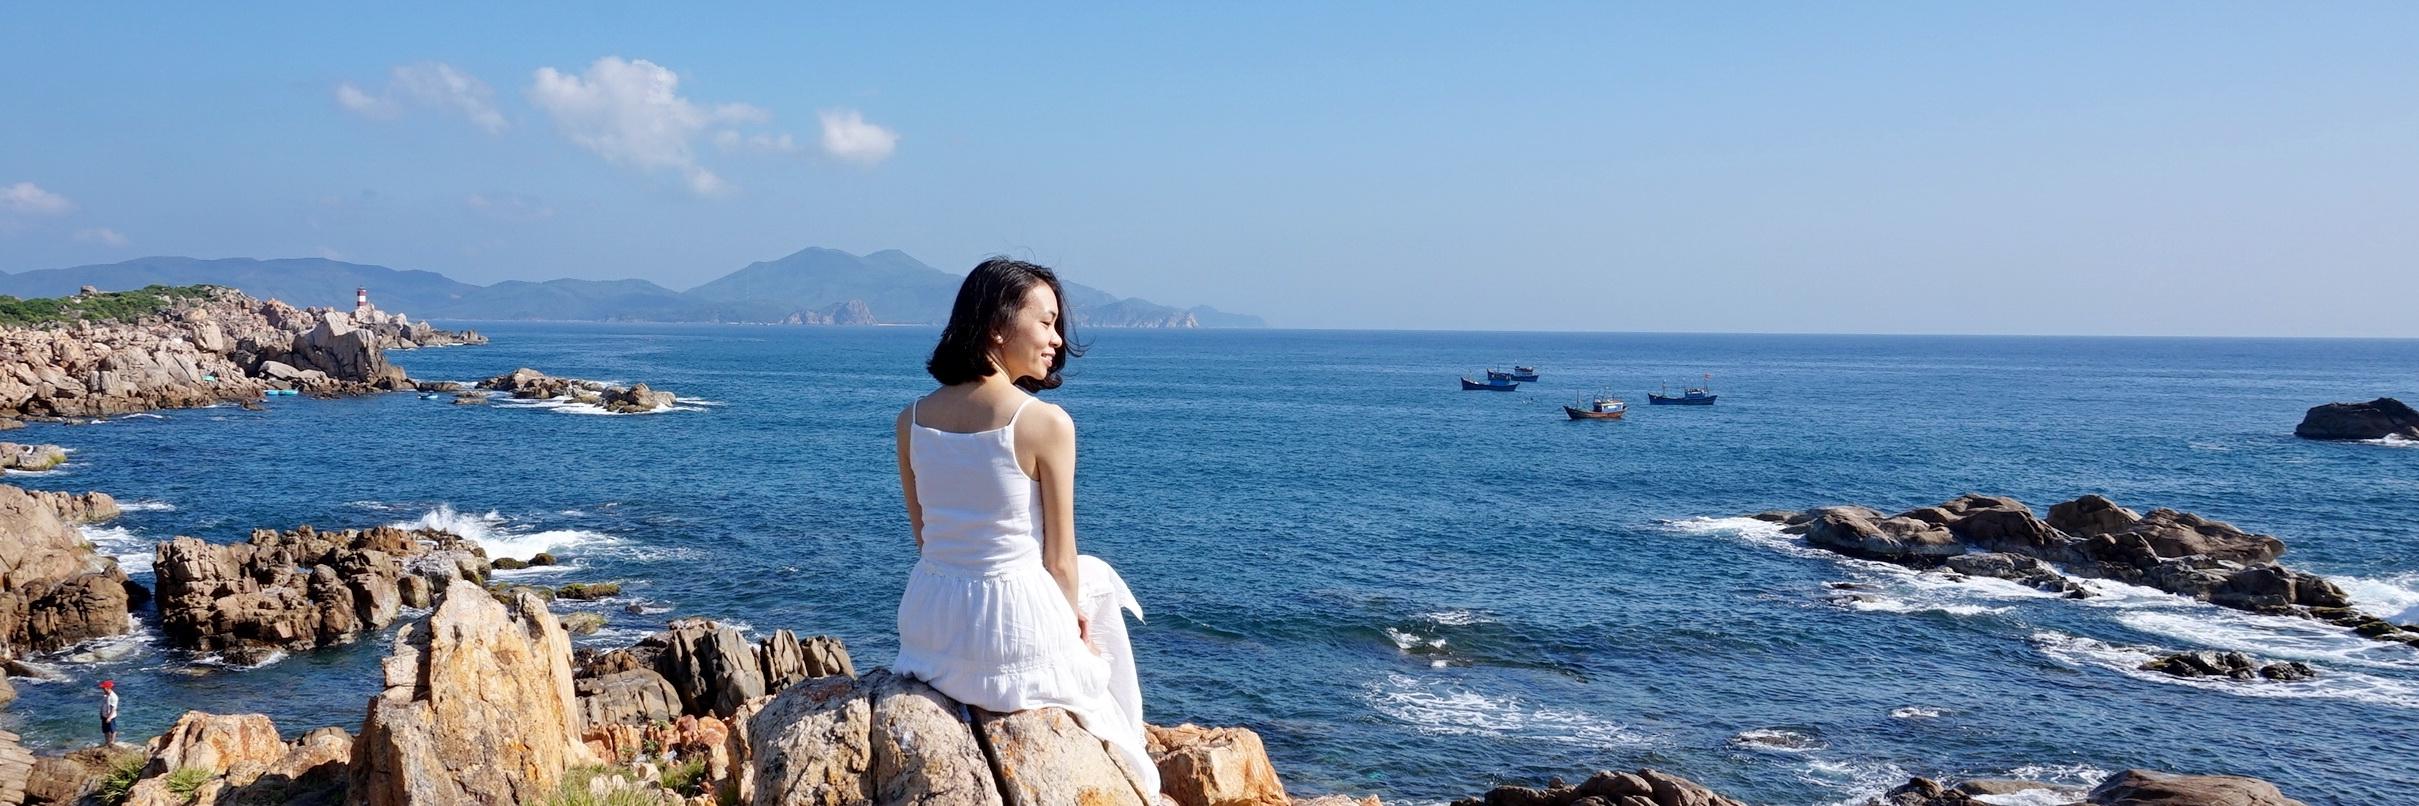 https://gody.vn/blog/24359309818931/post/da-bao-gio-ban-da-nghi-den-qui-nhon-5628